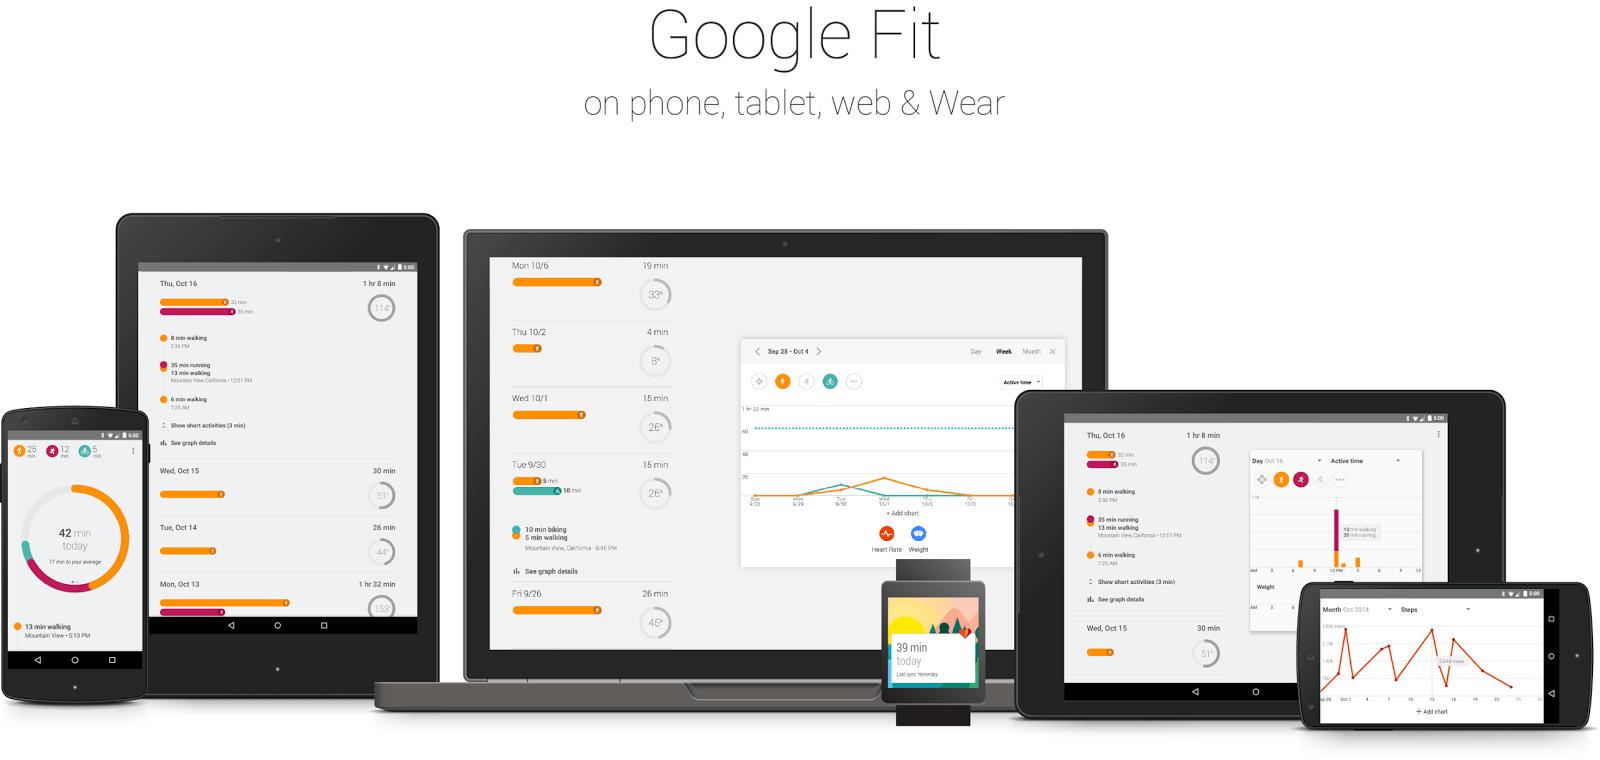 Aplicación Google Fit en dispositivos